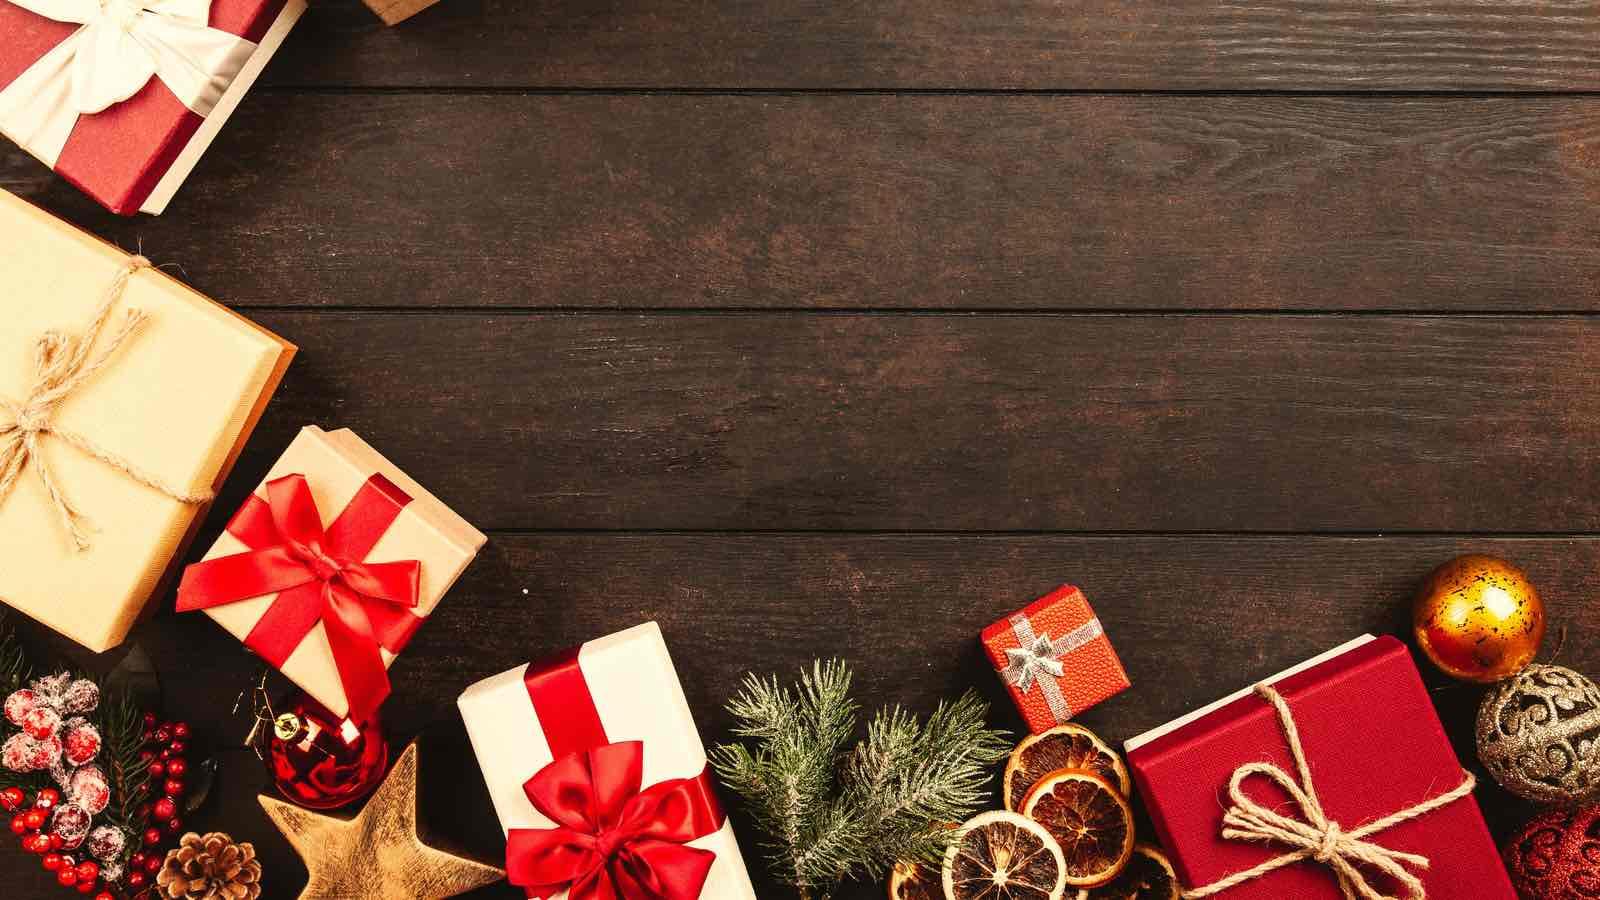 Die 30 beliebtesten Geschenke für Weihnachten 2019